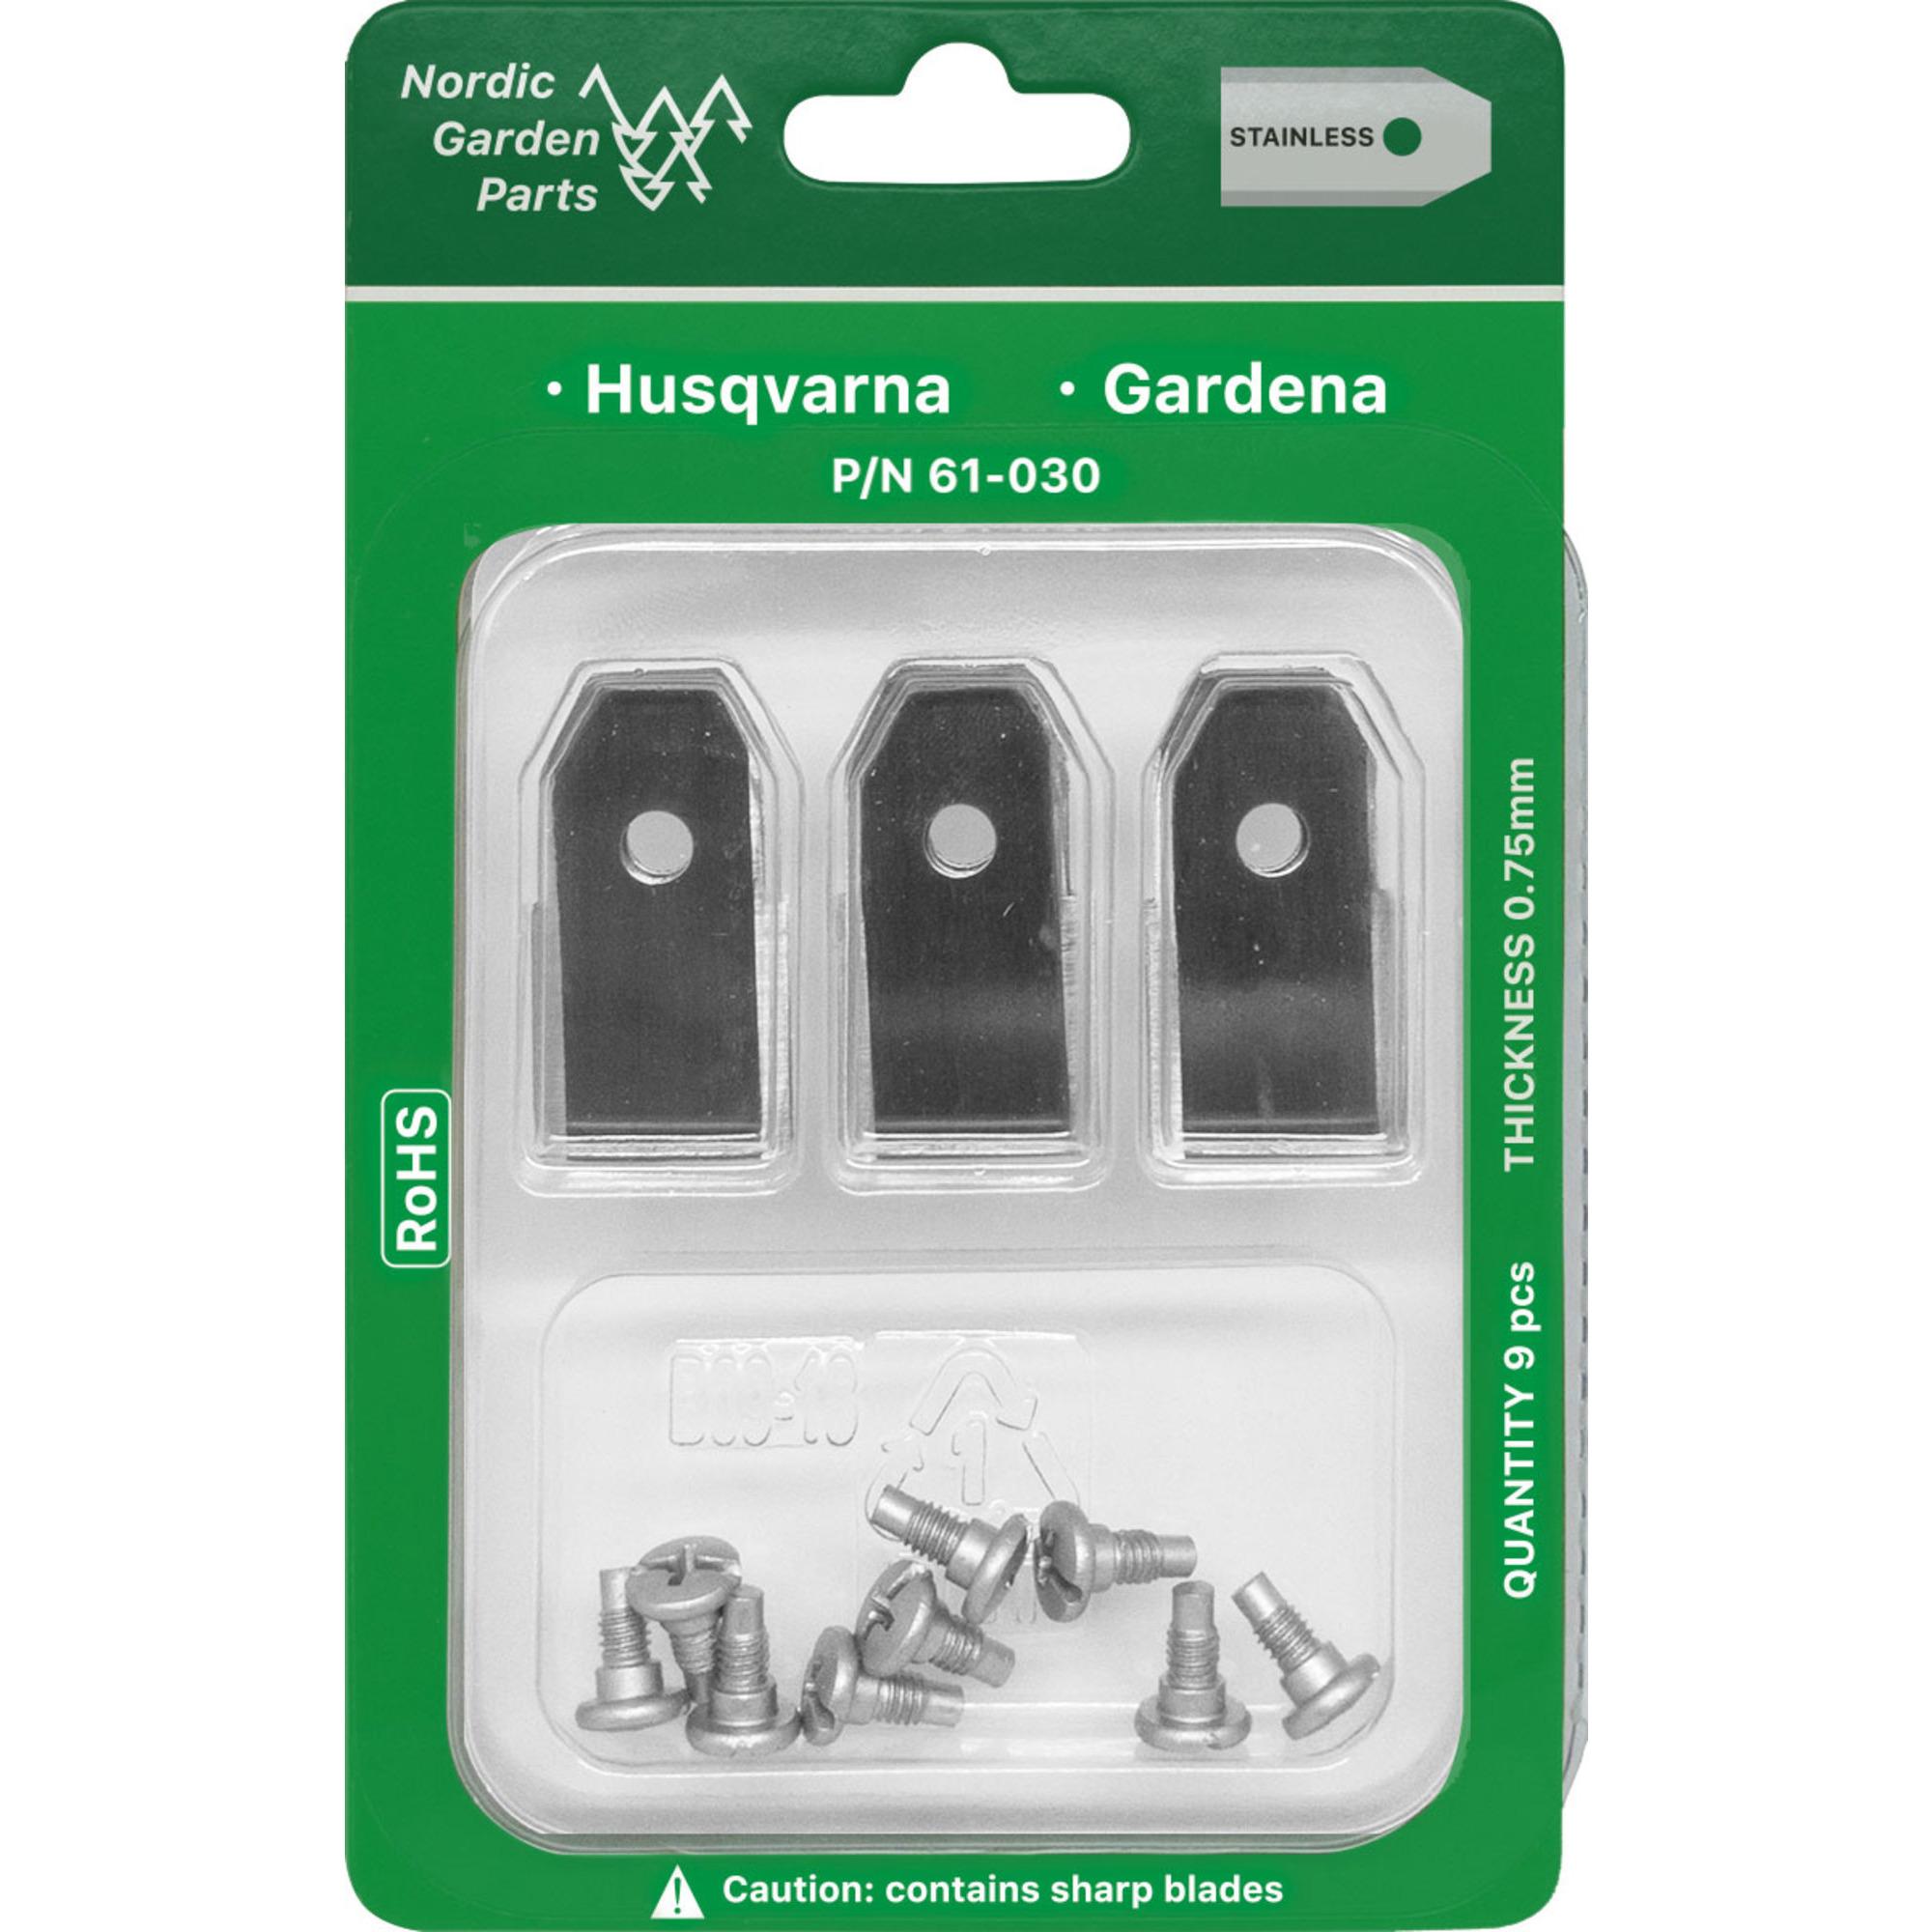 Nordic Garden Parts Kniv till Husqvarna och Gardena robotgräsklippare, 9 st.